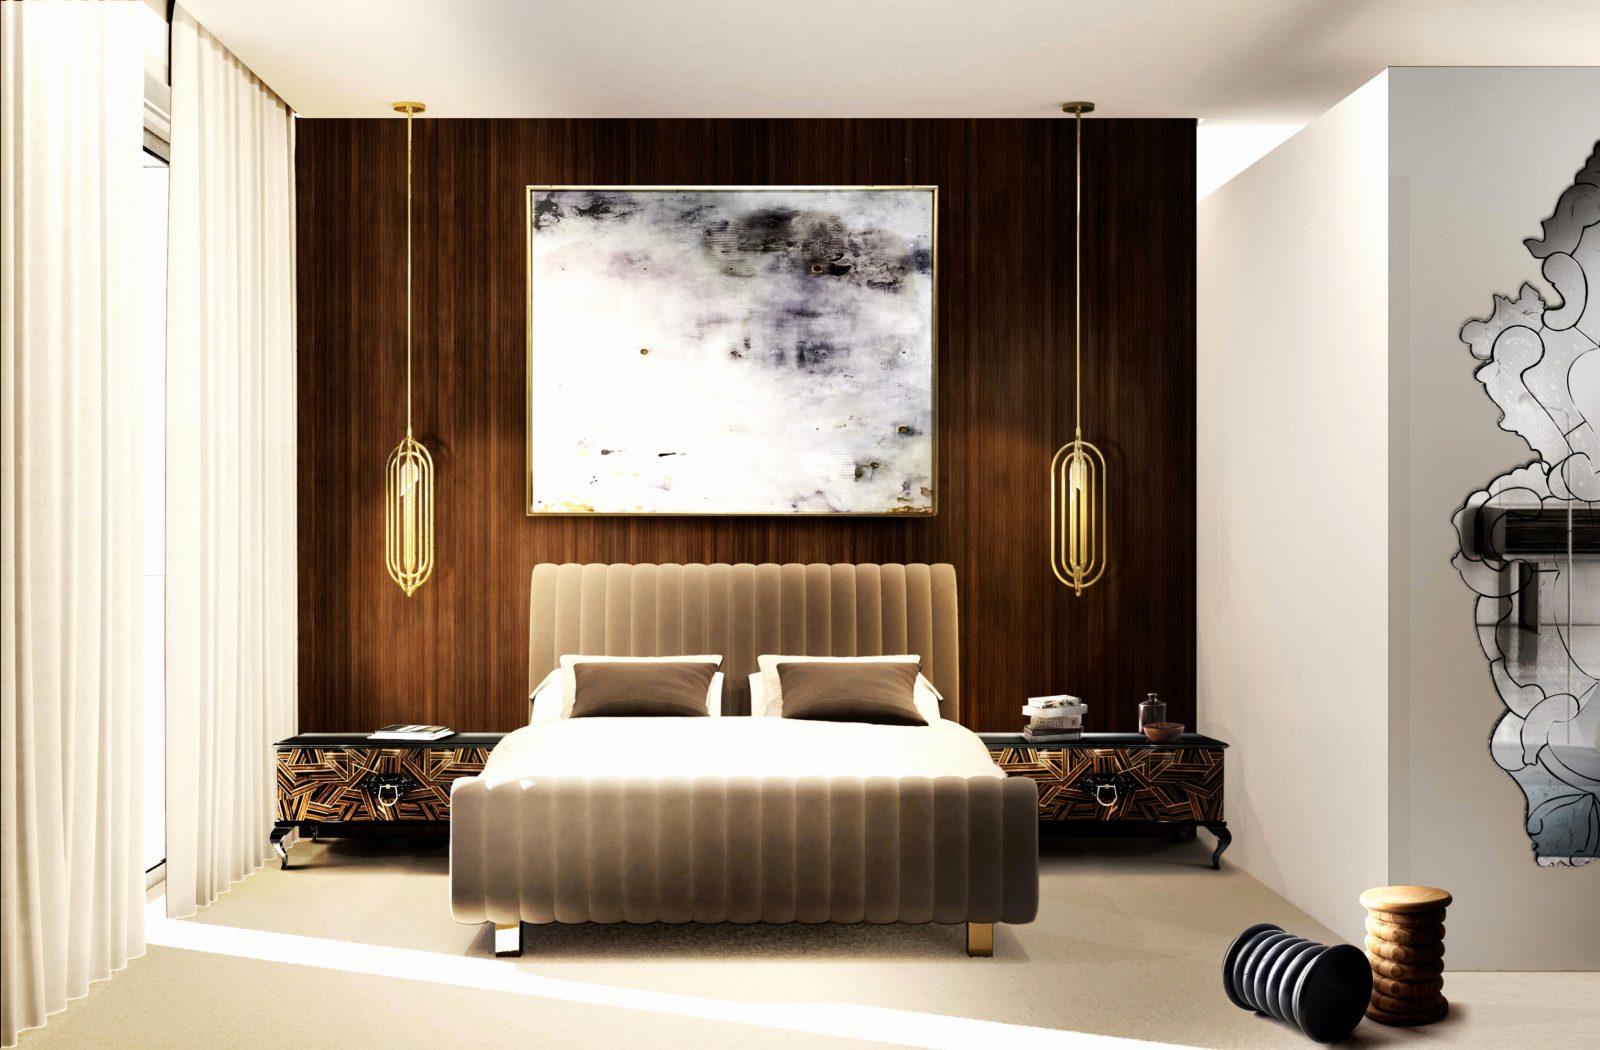 Ideen Für Schlafzimmer Einrichtung von Schlafzimmer Neu Gestalten Ideen Photo